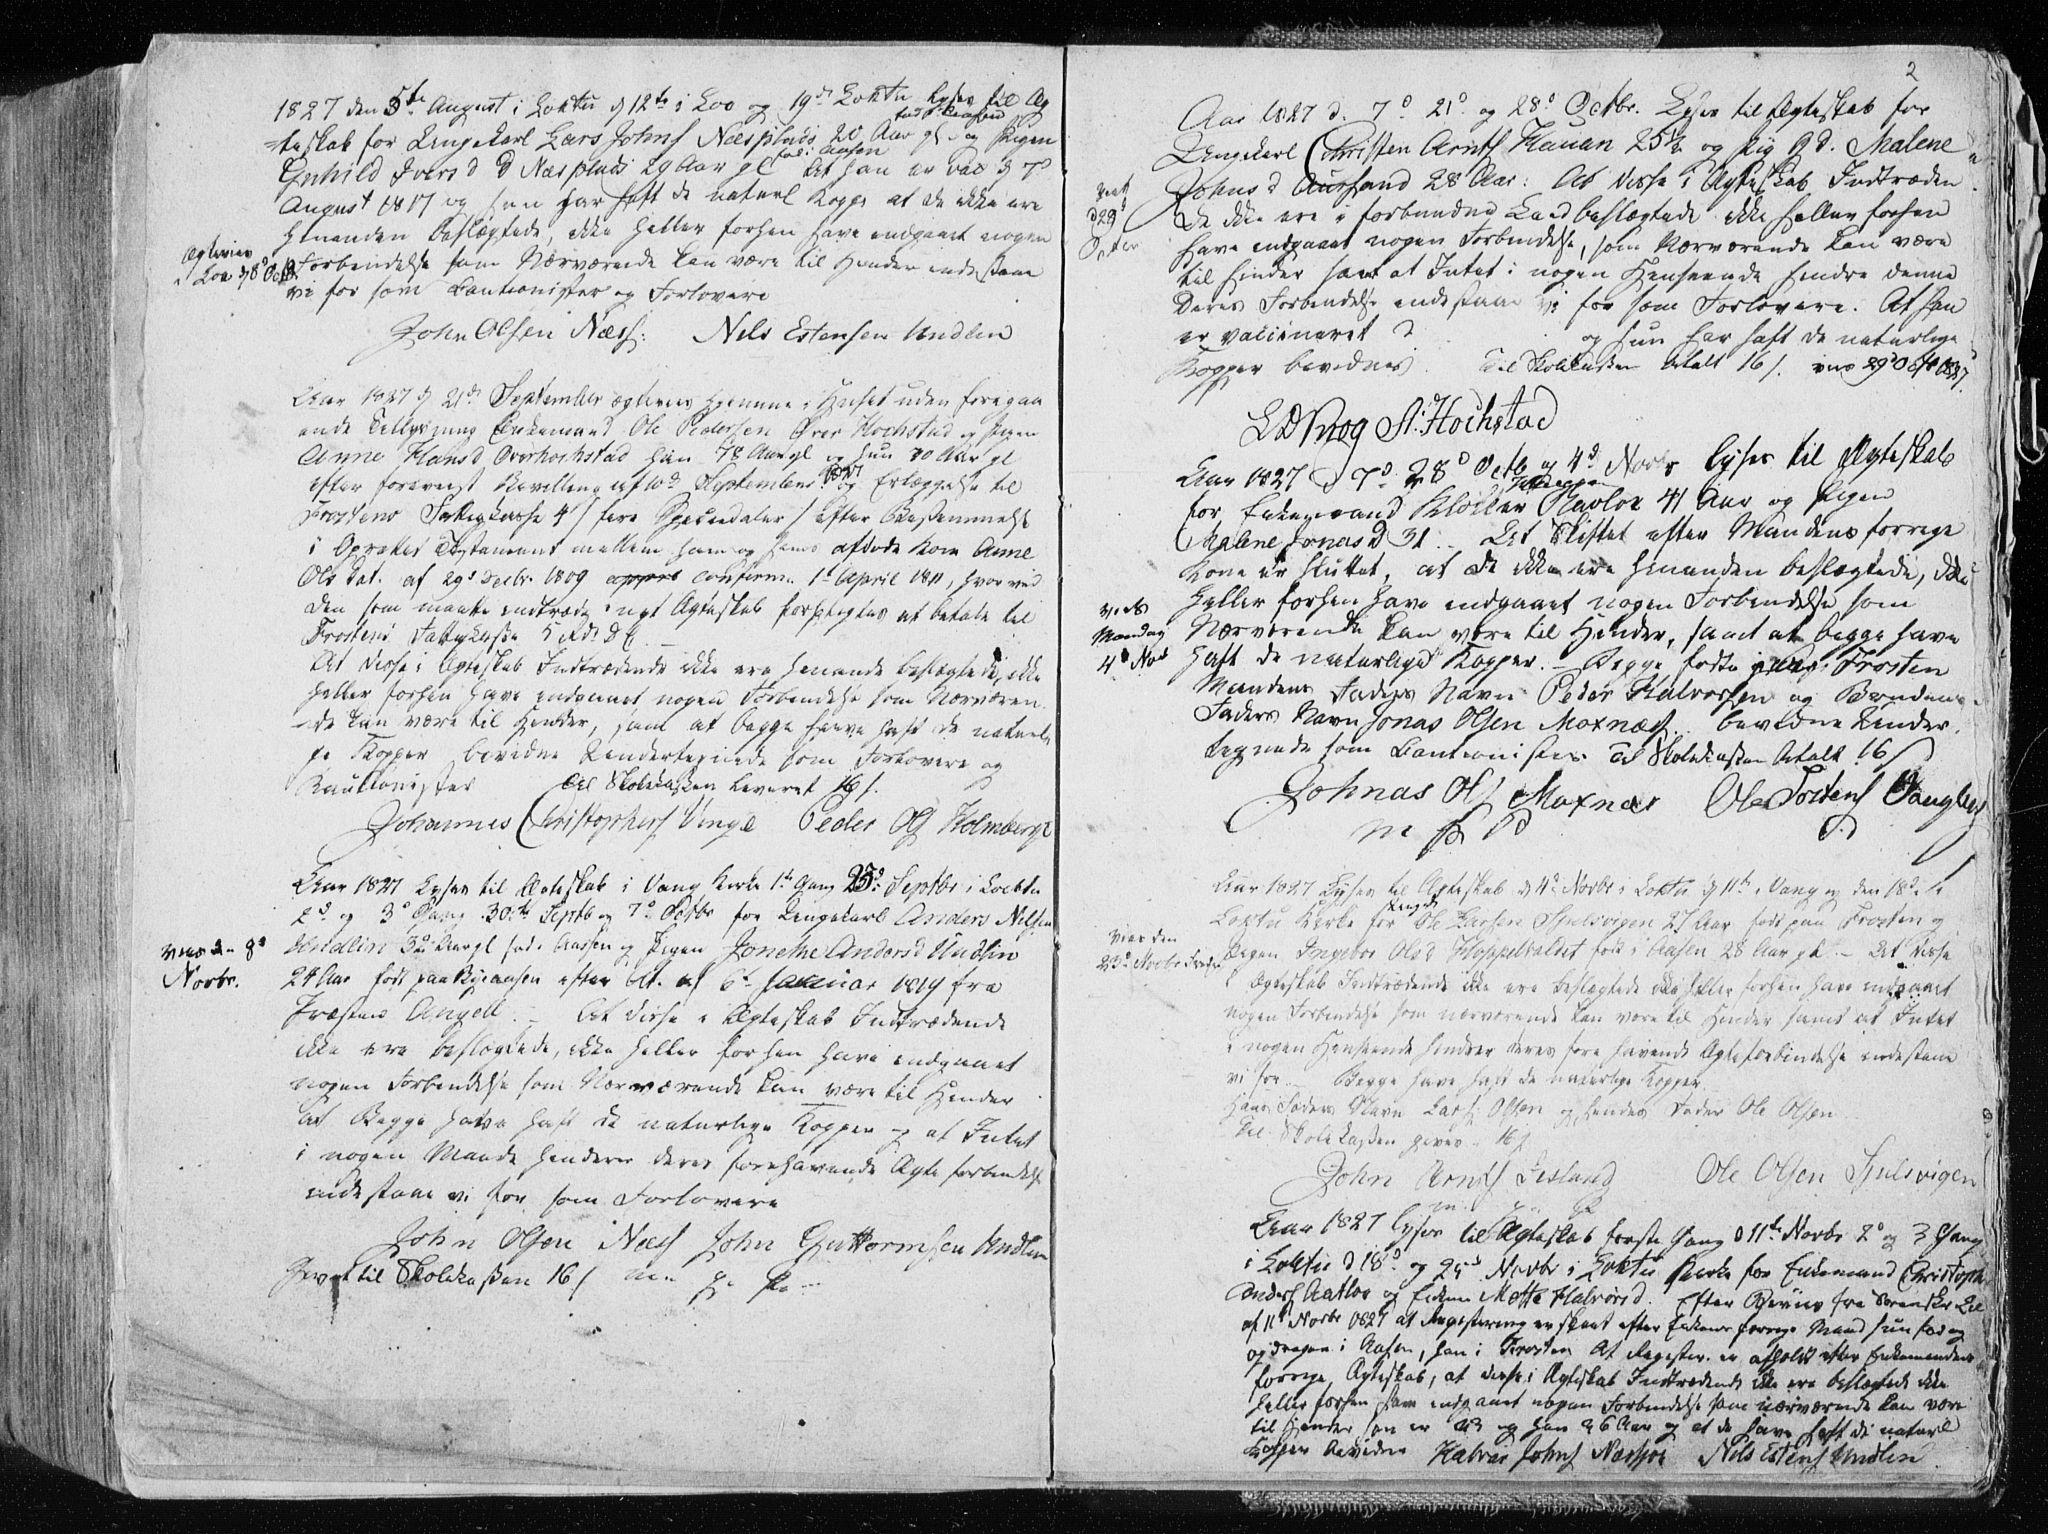 SAT, Ministerialprotokoller, klokkerbøker og fødselsregistre - Nord-Trøndelag, 713/L0114: Ministerialbok nr. 713A05, 1827-1839, s. 2